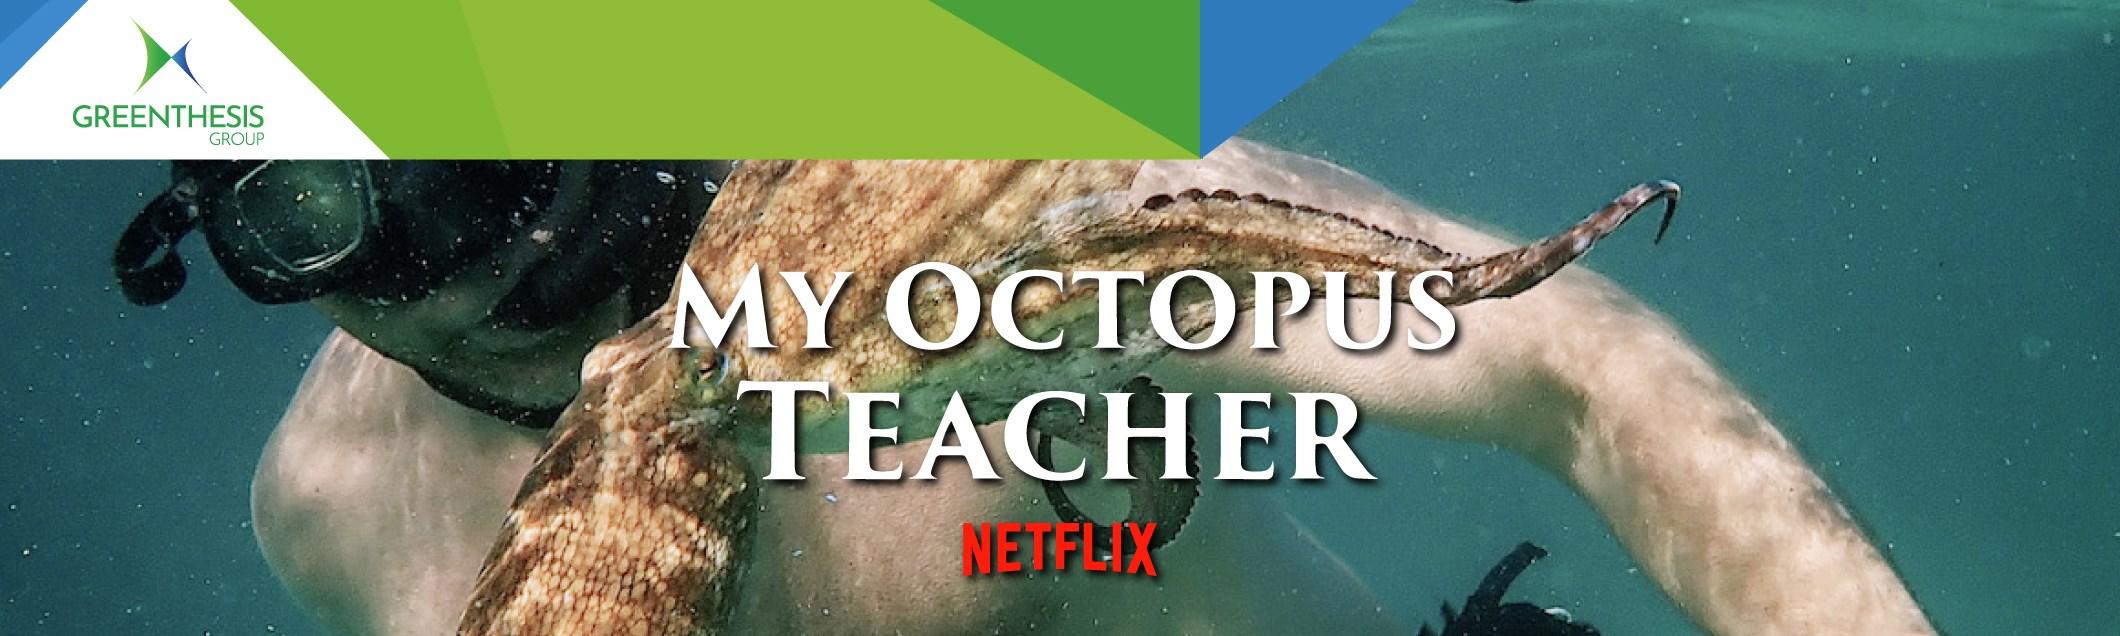 My Octopus Teacher: Oscar come miglior documentario e riflessione sull'ecosistema marino